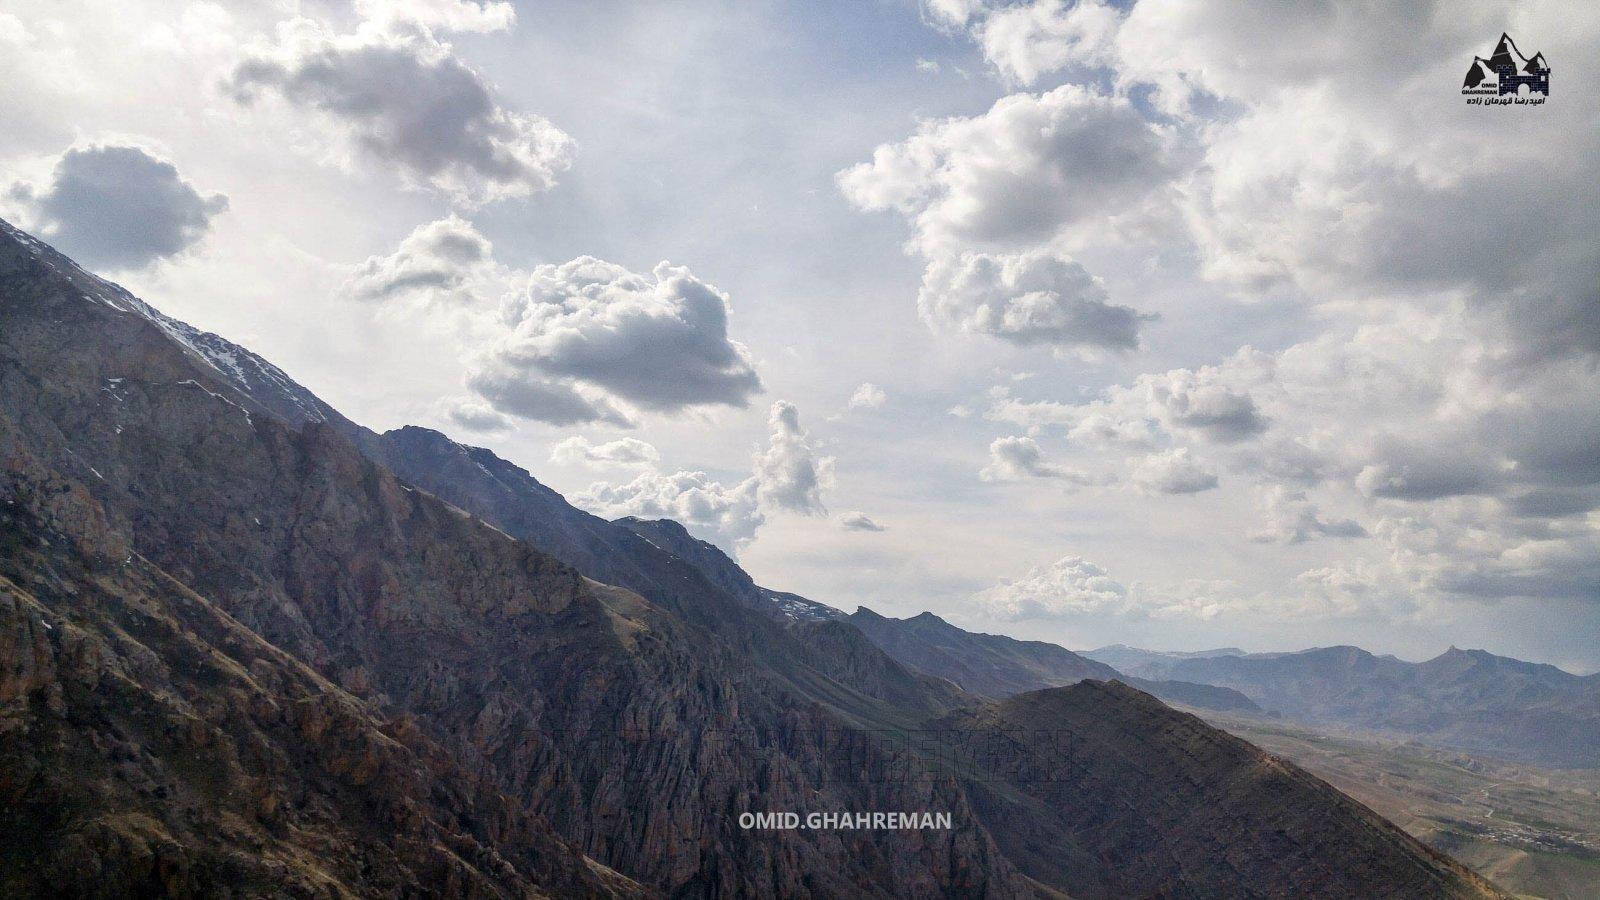 دره زیبای آناسو در کوه پایه های چرکین